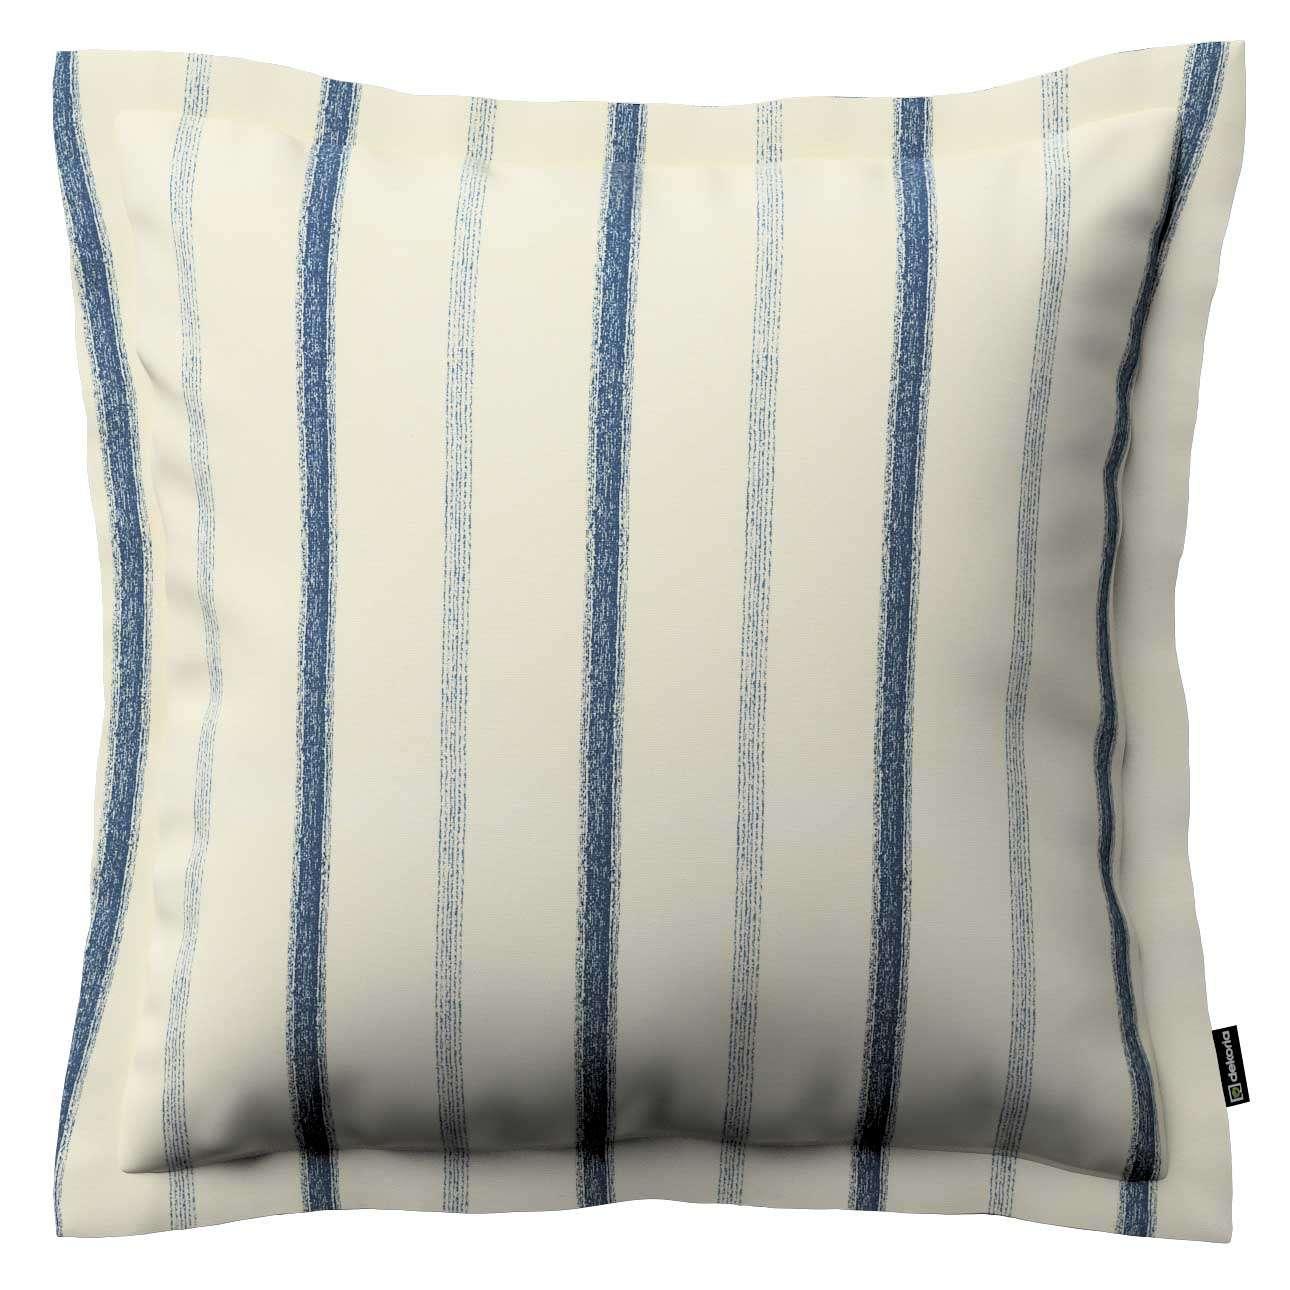 Mona dekoratyvinių pagalvėlių užvalkalas su sienele 38 x 38 cm kolekcijoje Avinon, audinys: 129-66